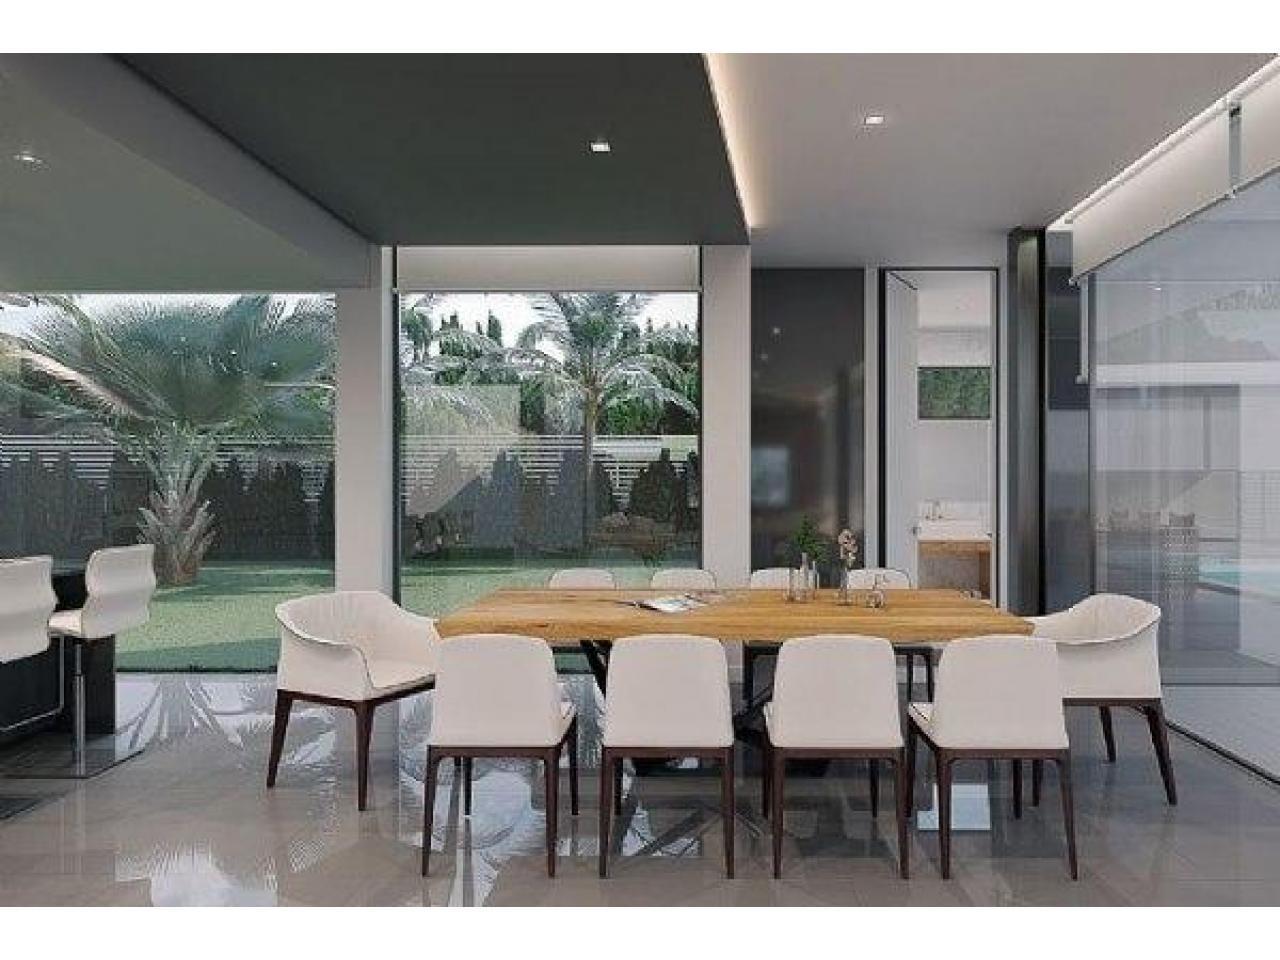 Недвижимость в Испании, Новая вилла рядом с морем от застройщика в Альтеа,Коста Бланка,Испания - 7